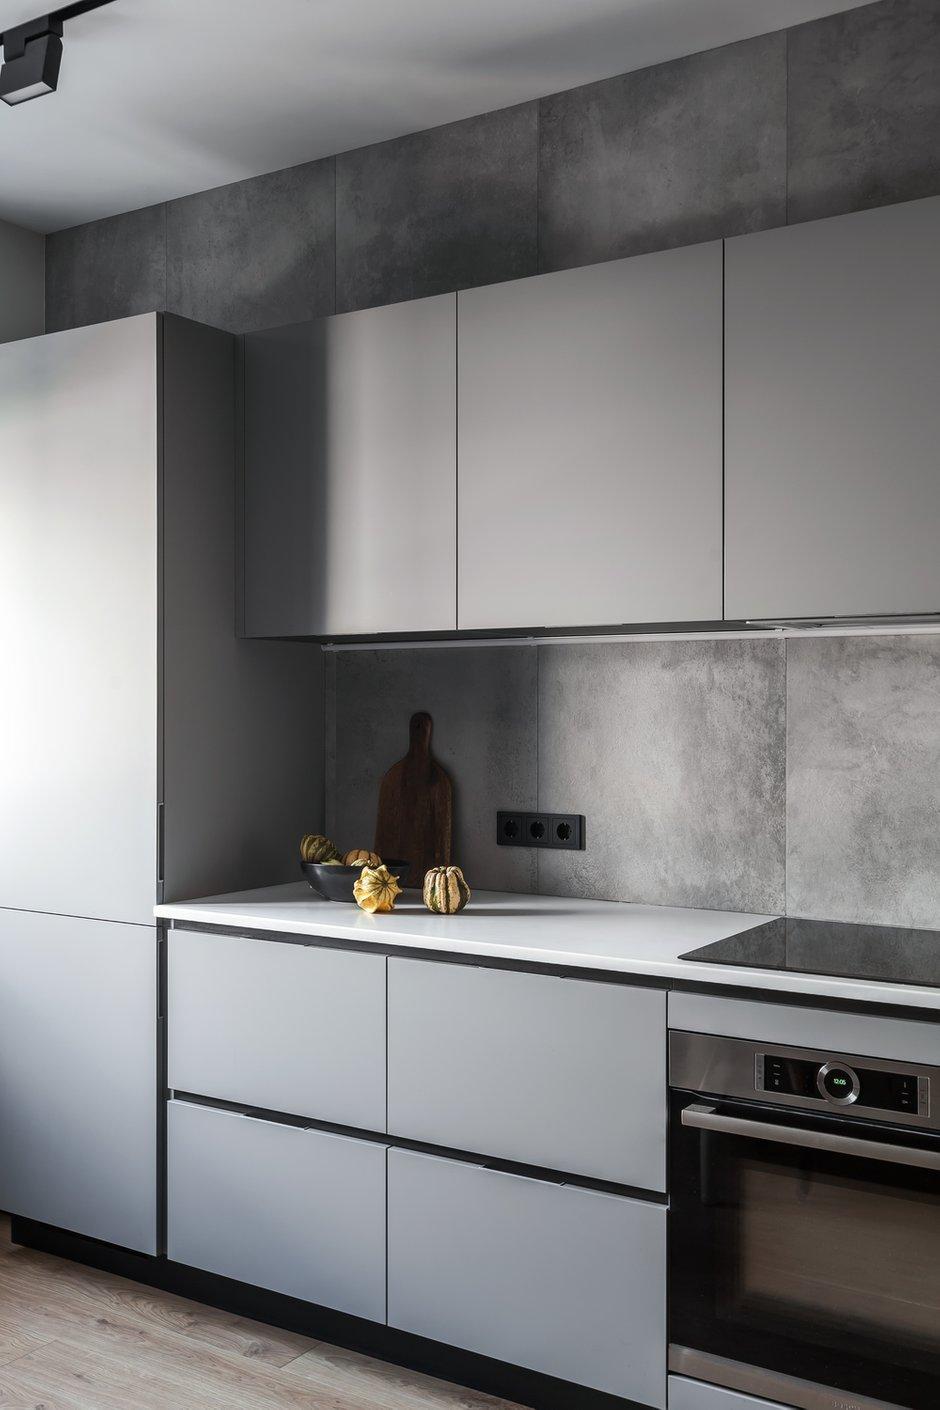 Фотография: Кухня и столовая в стиле Минимализм, Современный, Квартира, Проект недели, Химки, 3 комнаты, 60-90 метров, Flatforfox – фото на INMYROOM